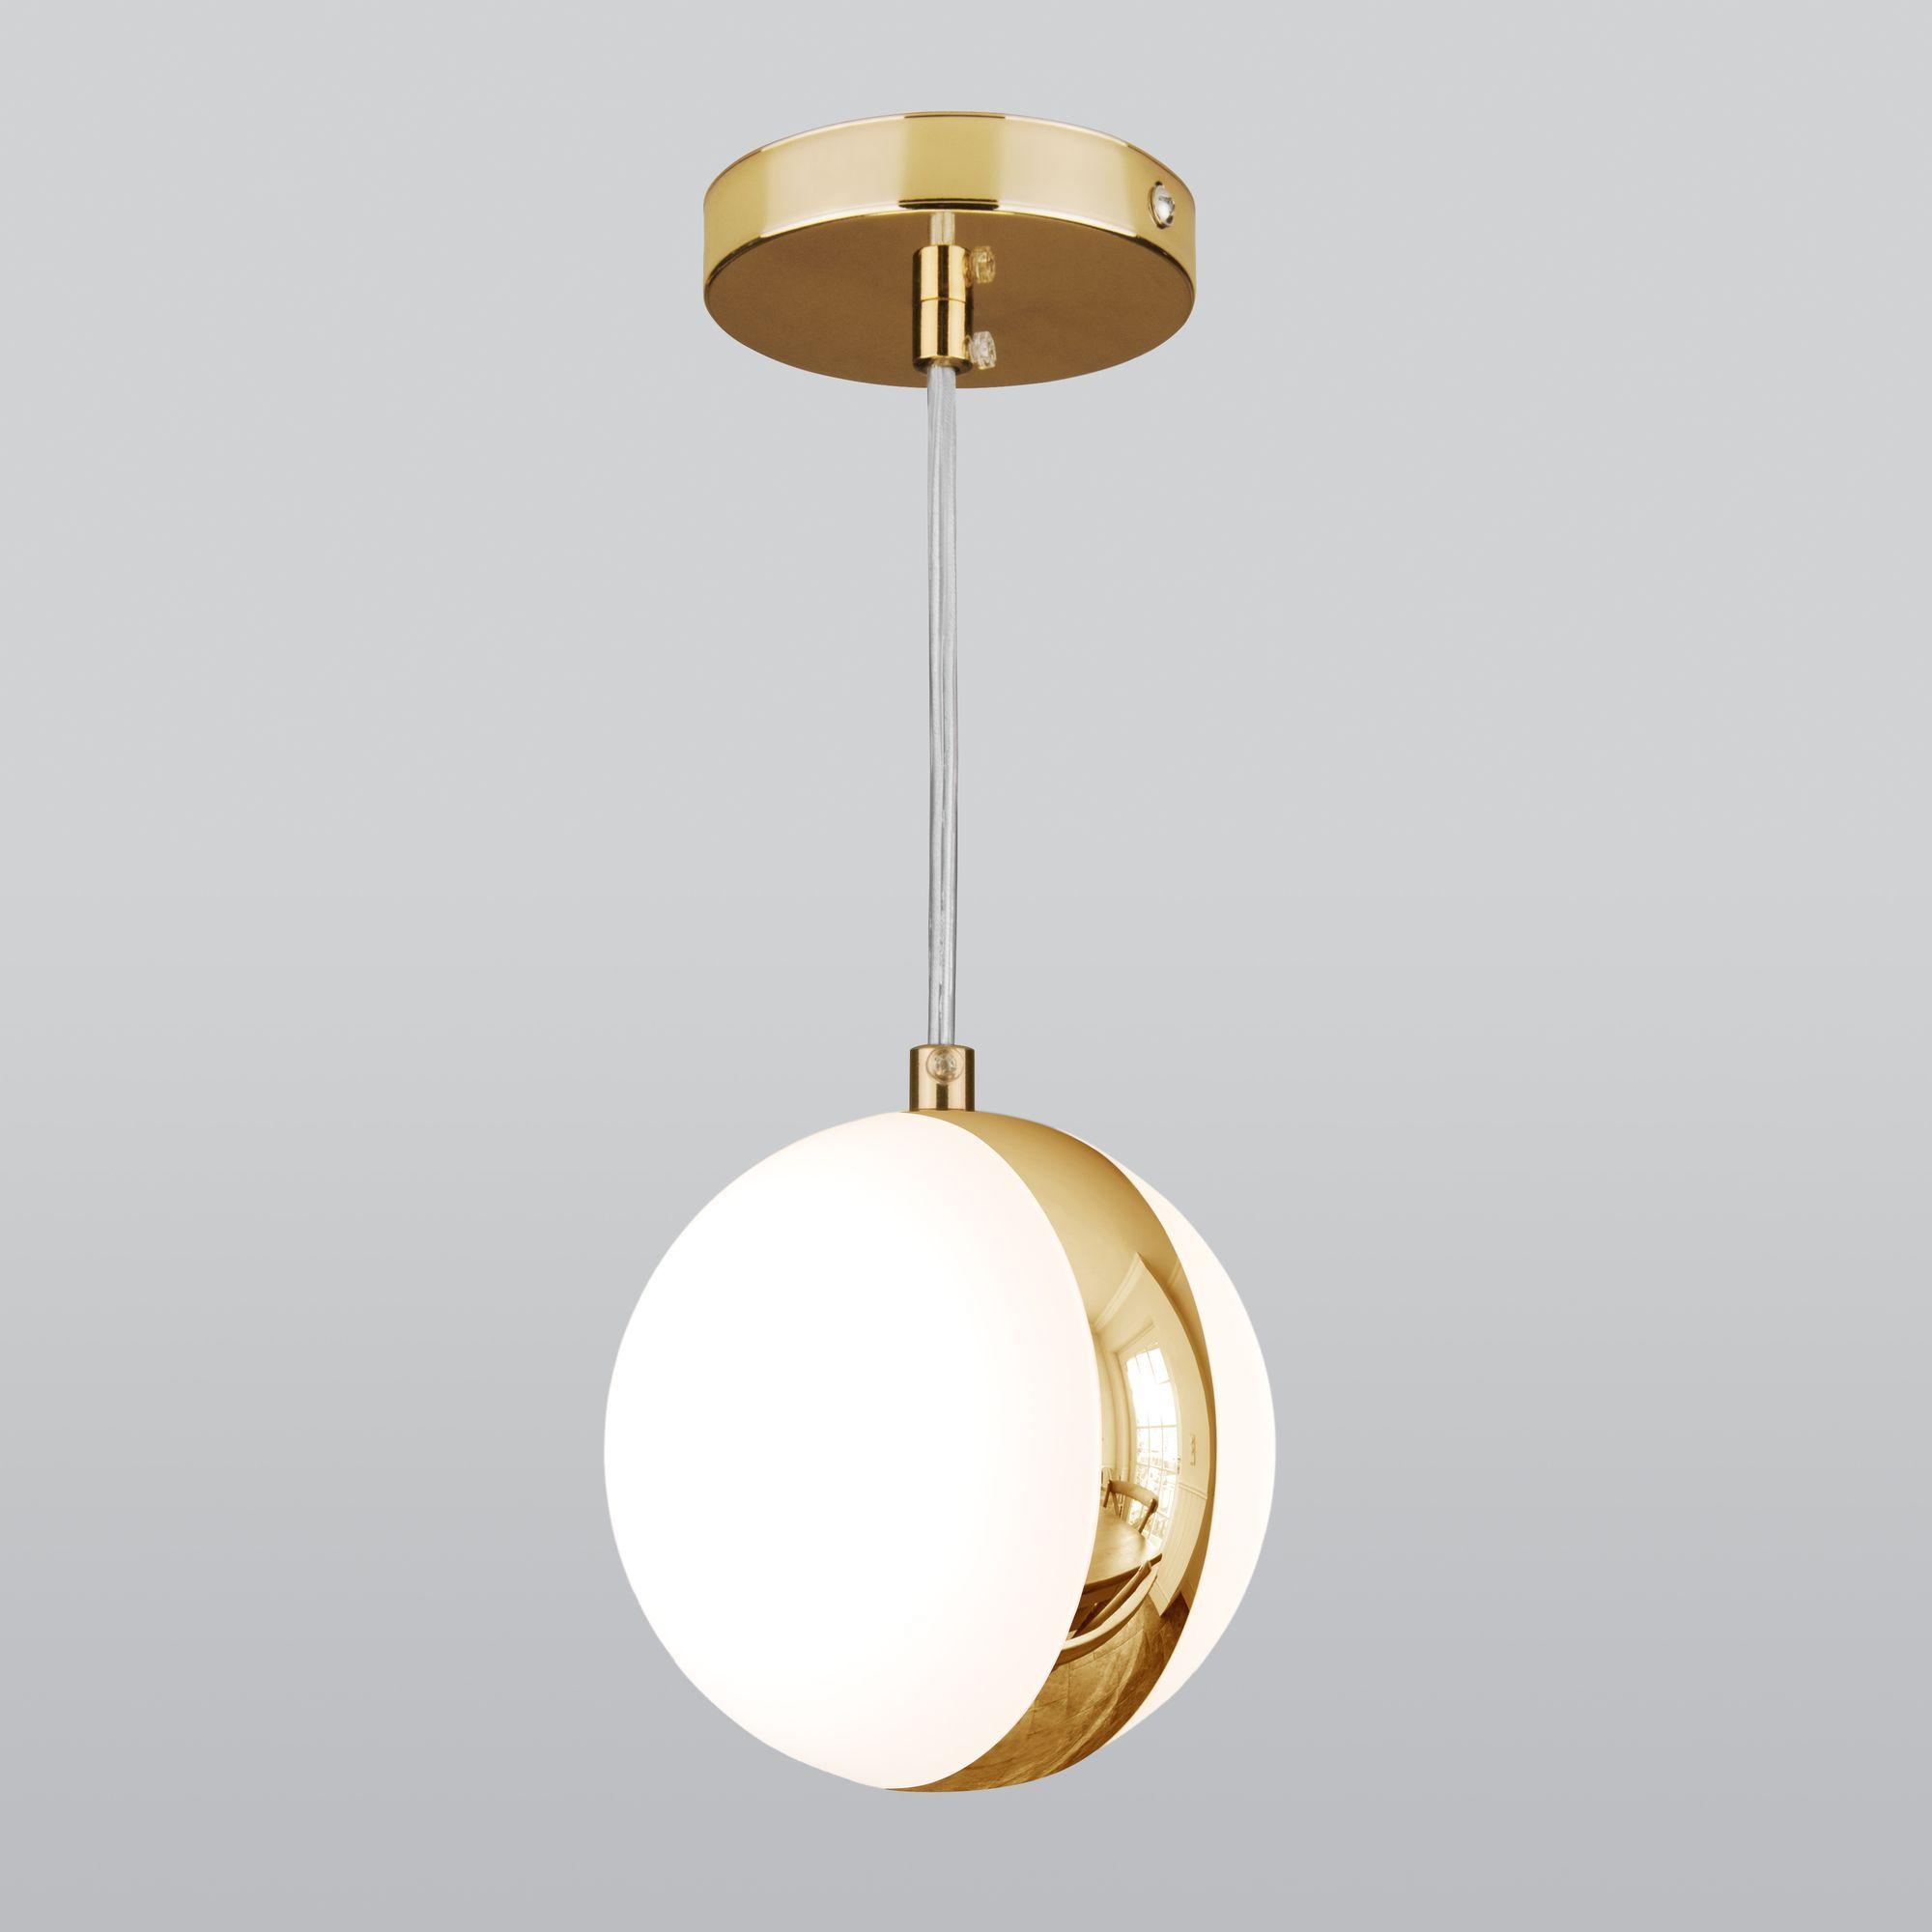 Подвесной светильник DLN050 GX53 белый/золото